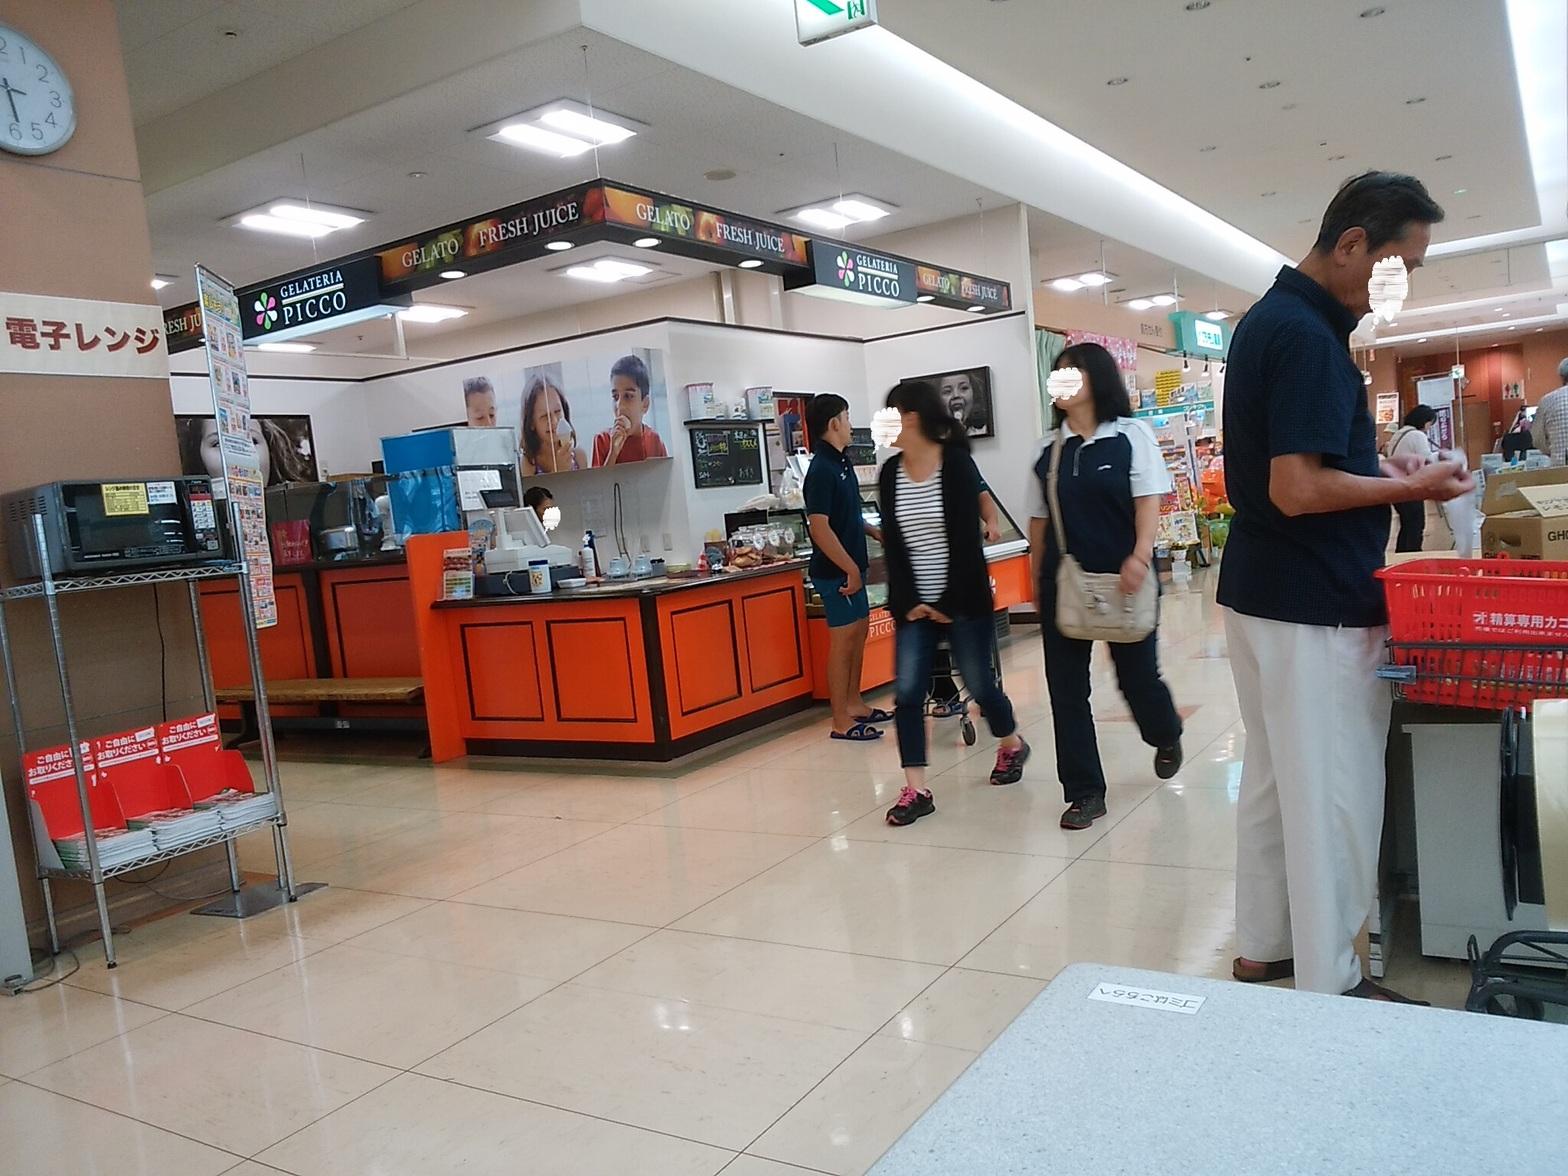 ジェラテリア PICCO オギノ 茅野ショッピングセンター店 name=